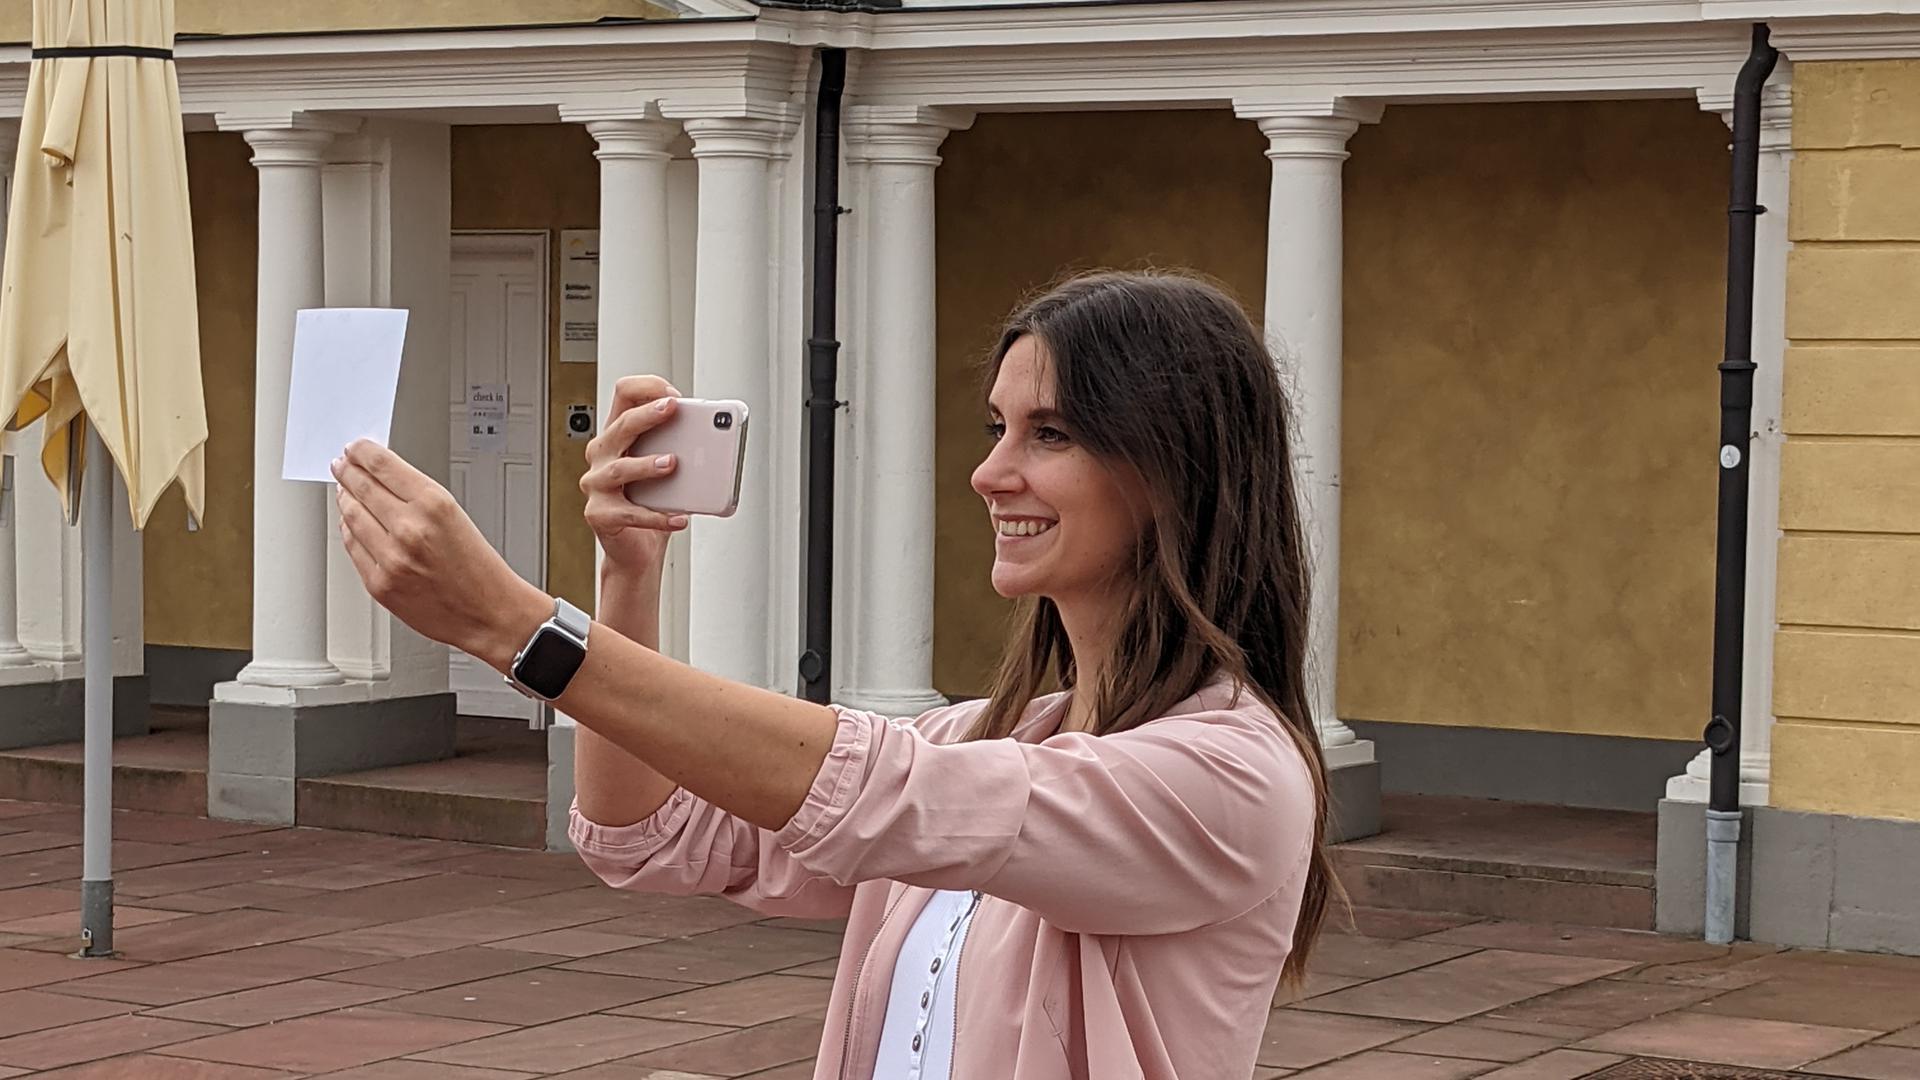 Eine junge Frau hebt vor dem Karlsruher Schloss ein ausgedrucktes Bild hoch und macht ein Foto davon.